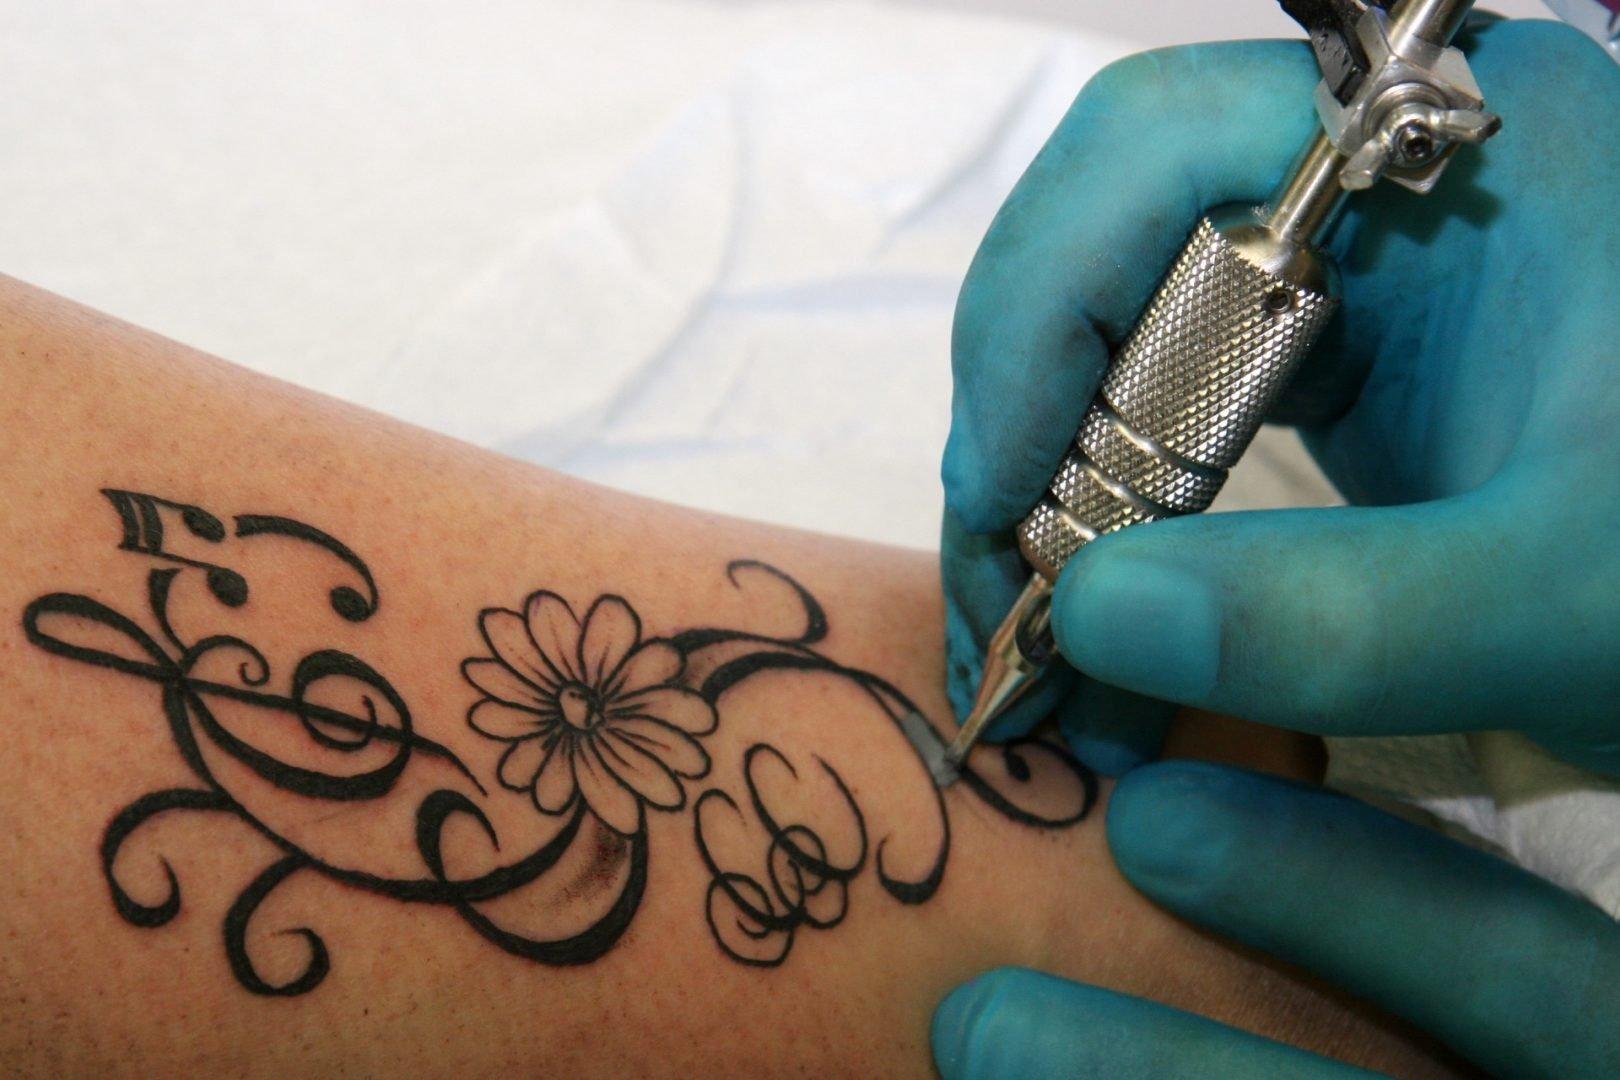 Что будет если набить тату чернилами из ручки